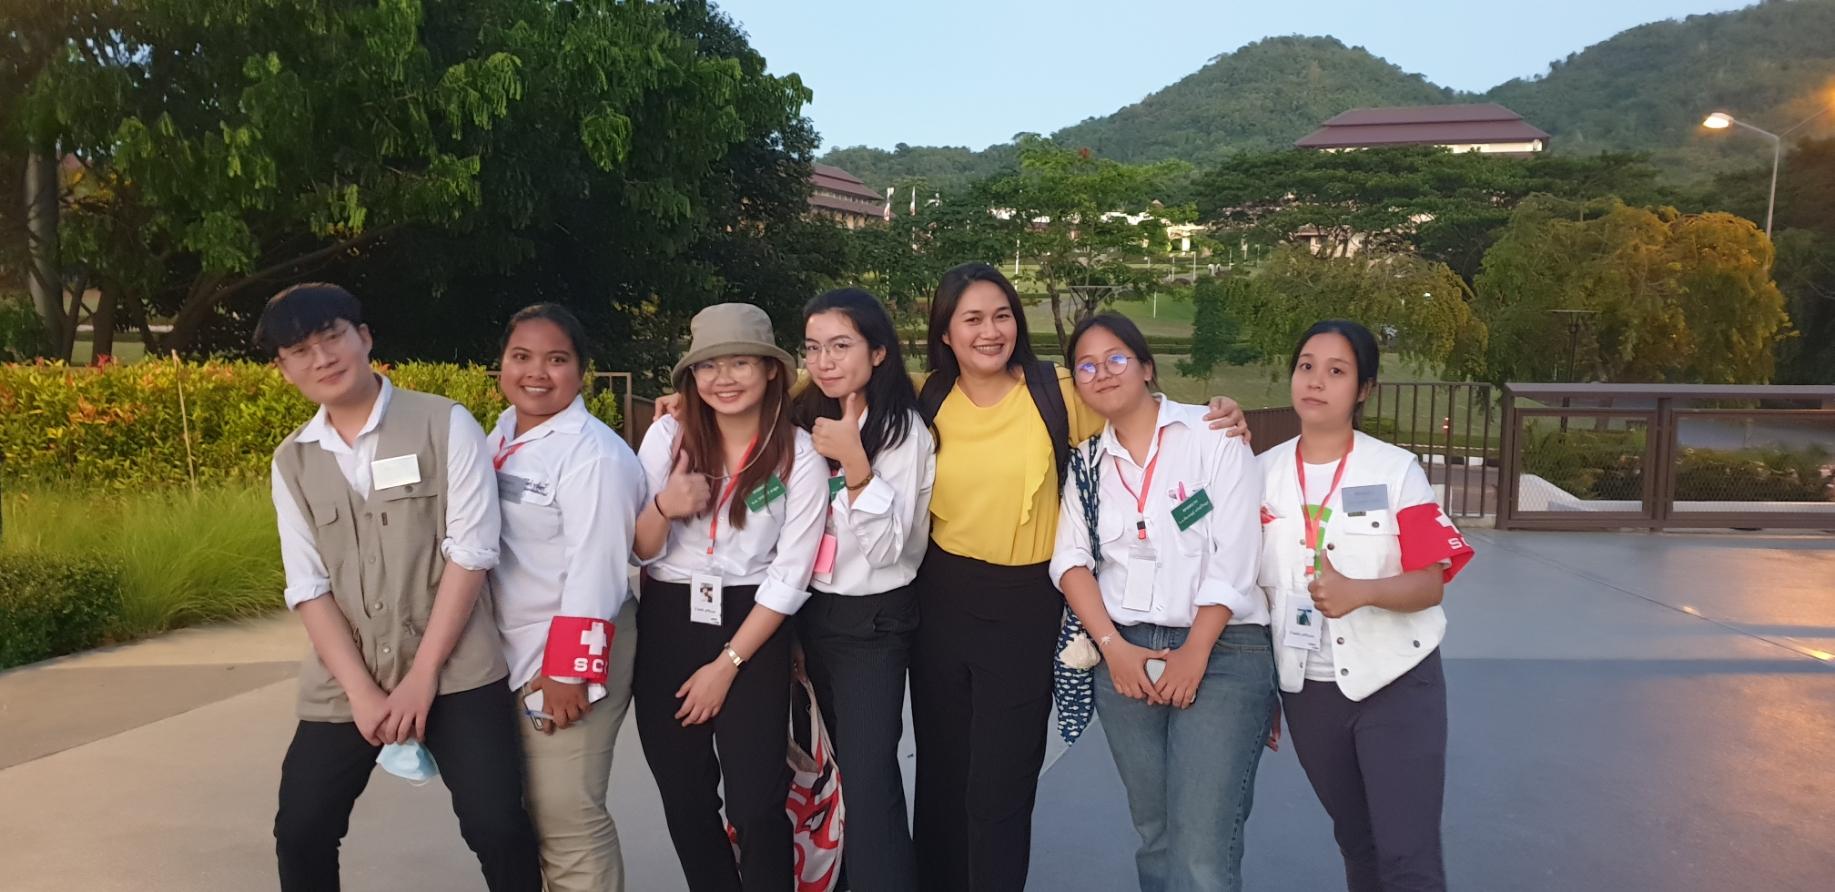 รางวัลชนะเลิศ และรองชนะเลิศ การแข่งขันบทบาทสมมุติและการแข่งขันว่าความในกฎหมายมนุษยธรรมระหว่างประเทศ ภาคภาษาไทย (ประเภทบทบาทสมมุติ) ประจำปี ค.ศ.2020